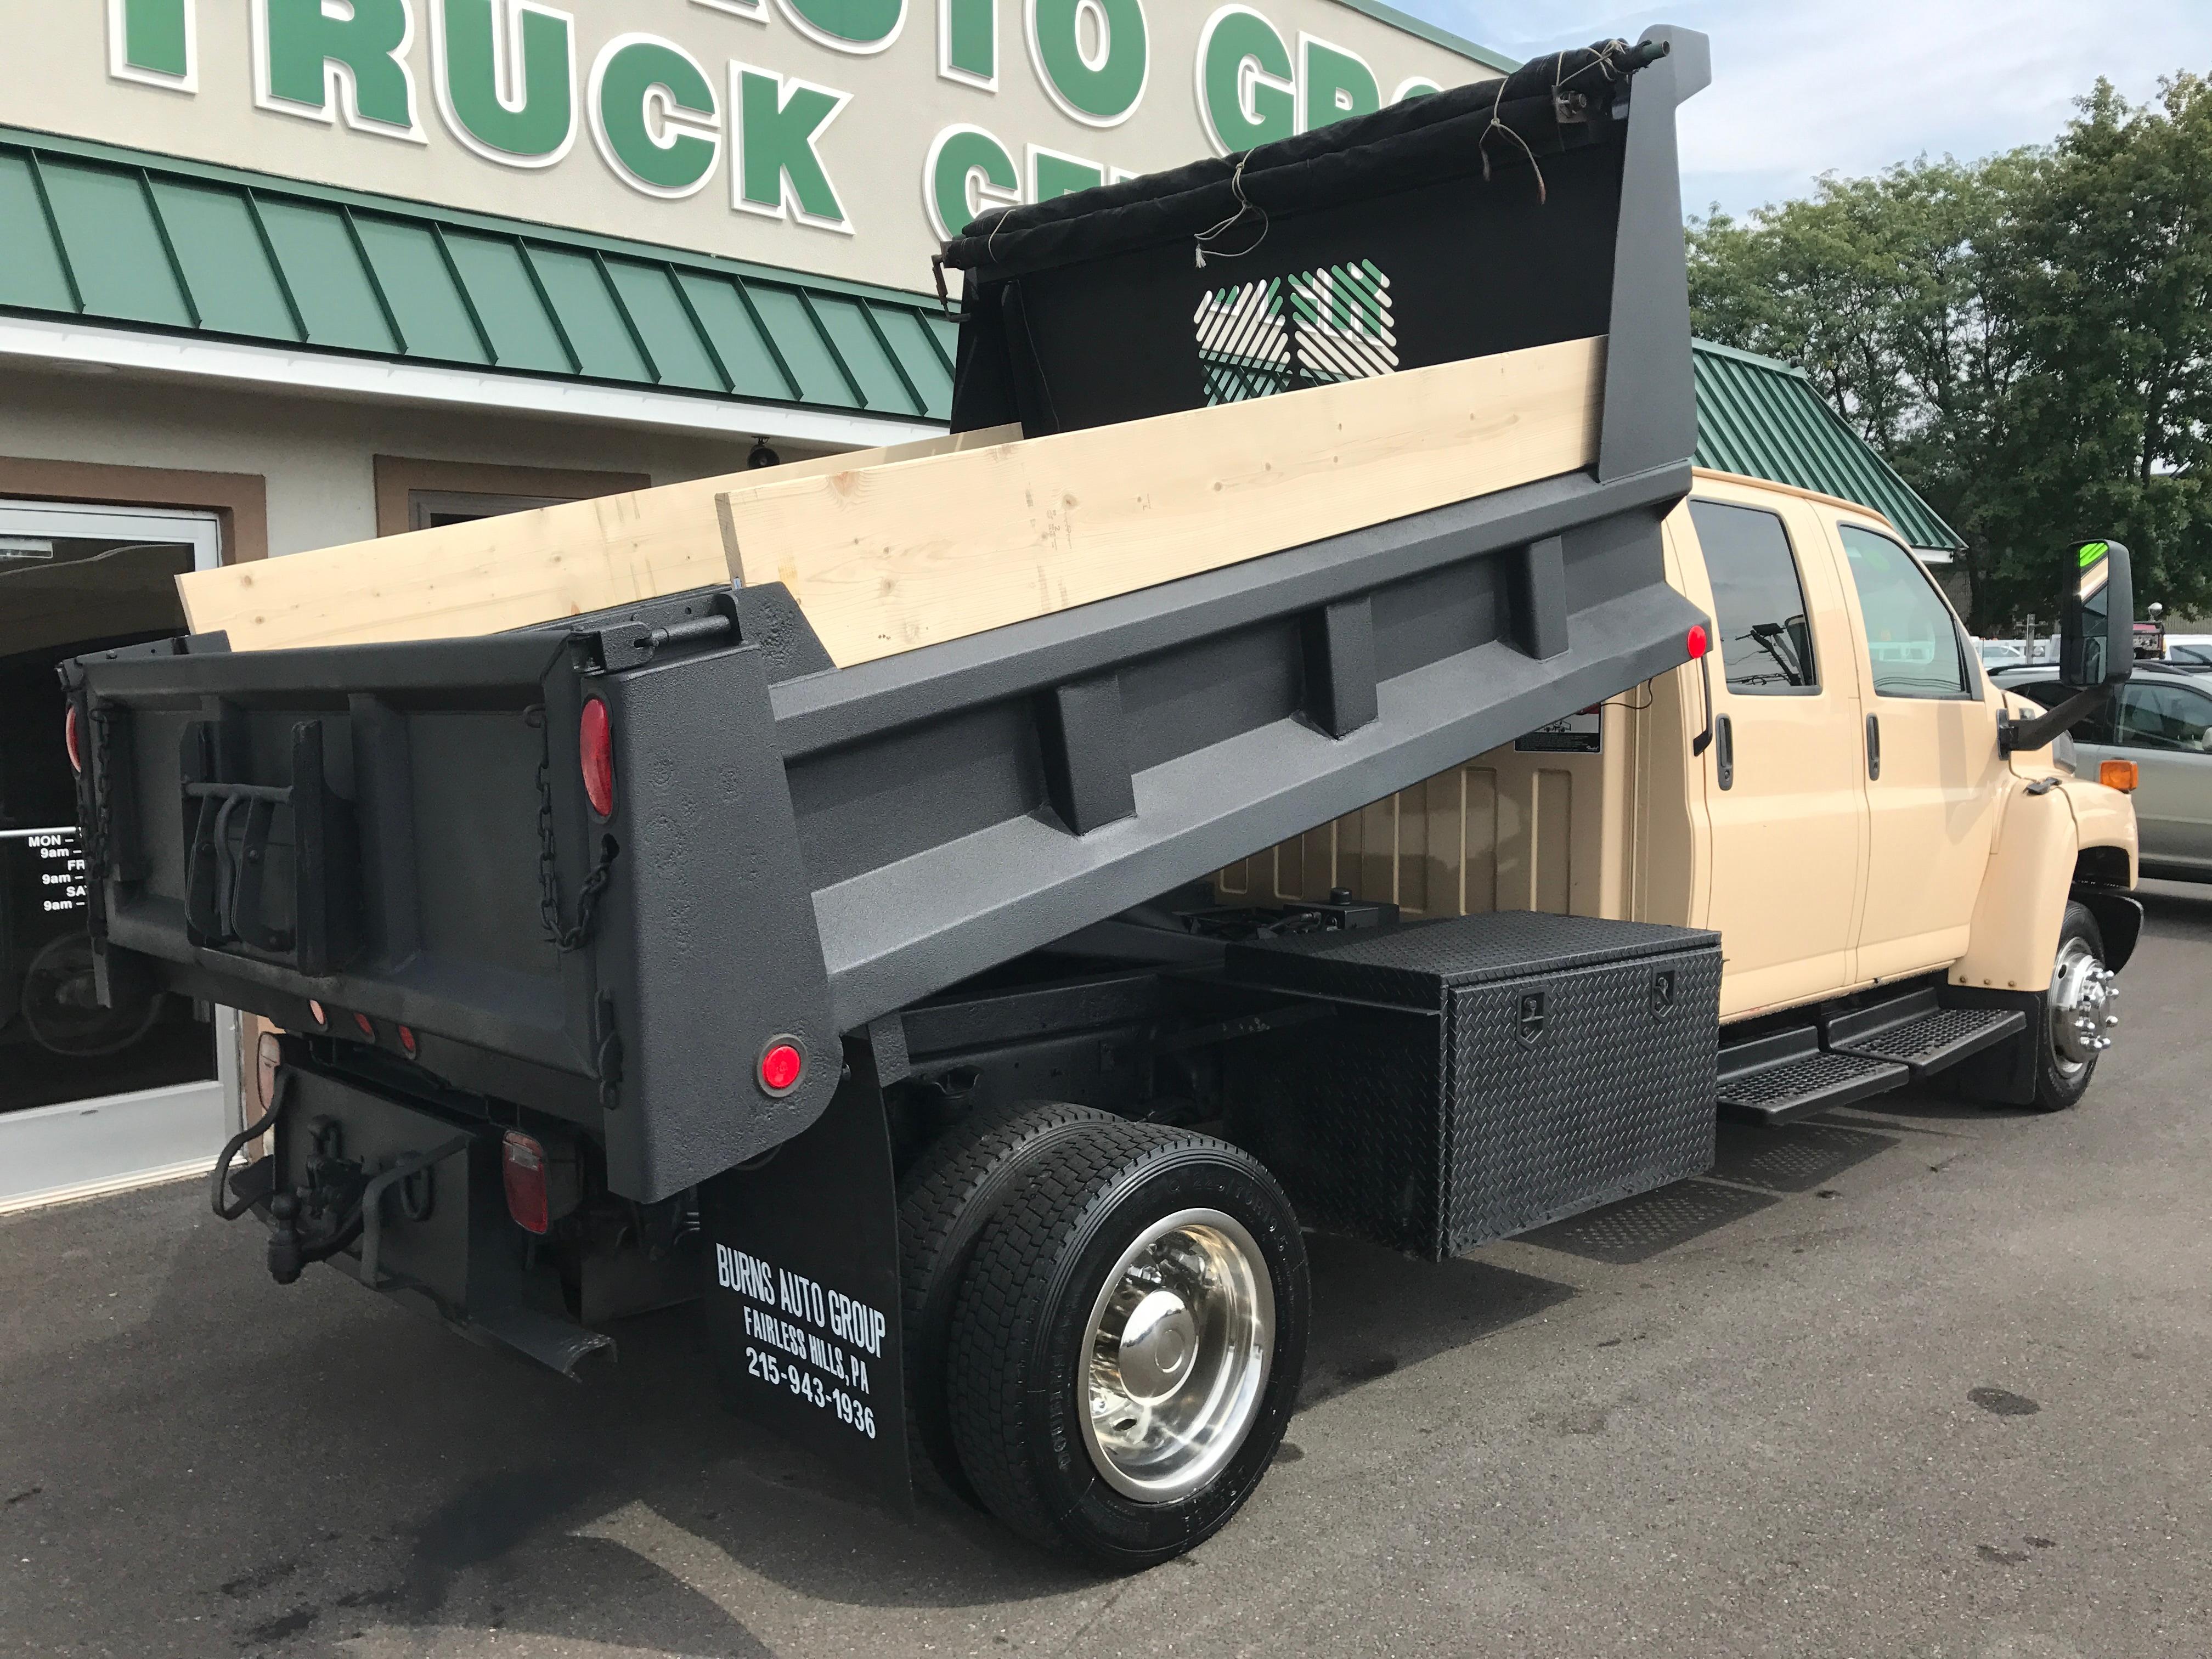 chevrolet dump trucks for sale. Black Bedroom Furniture Sets. Home Design Ideas